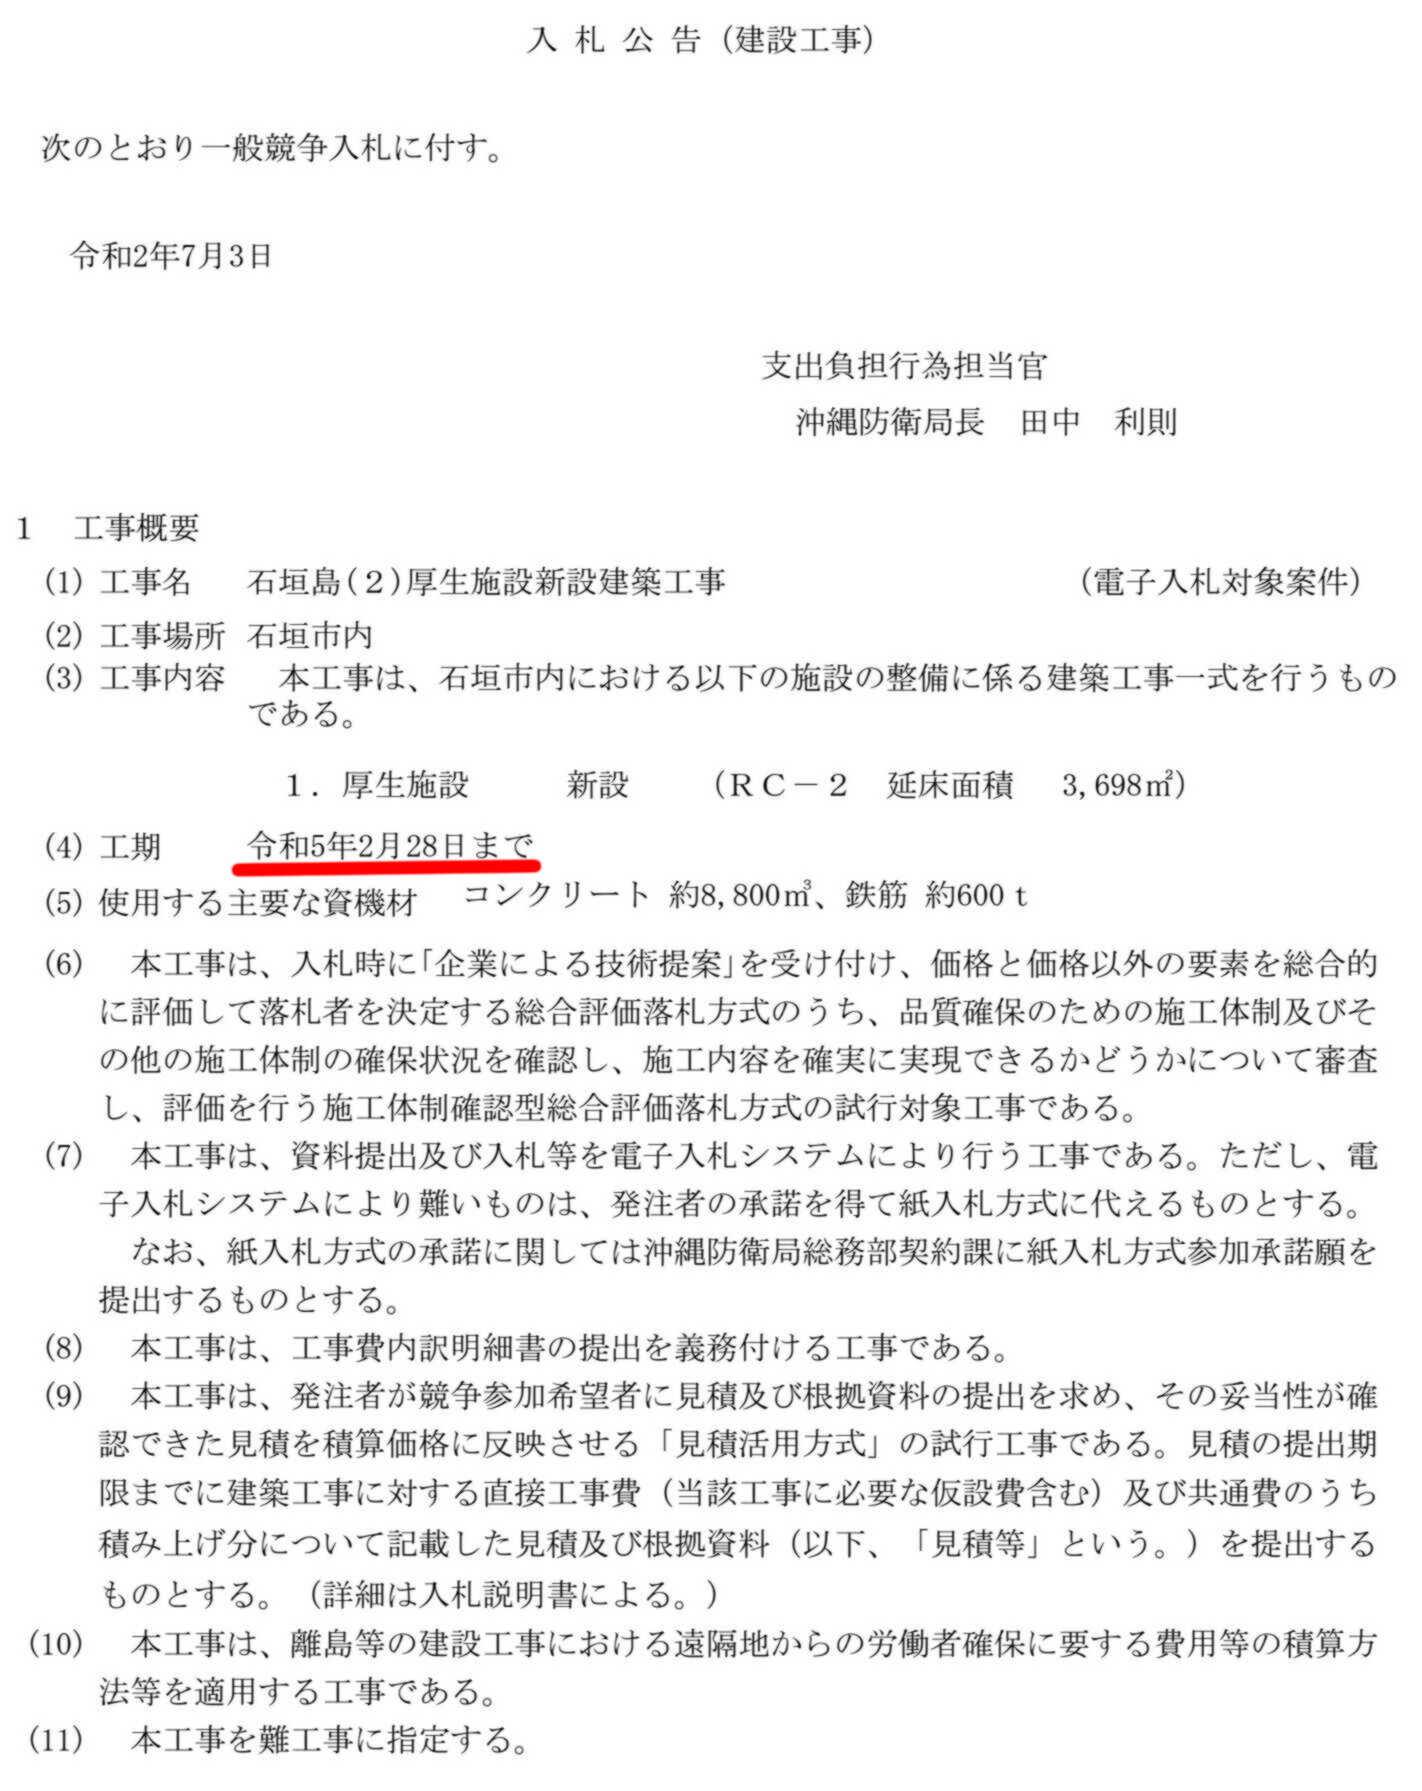 沖防入札公告2020 0703 01a